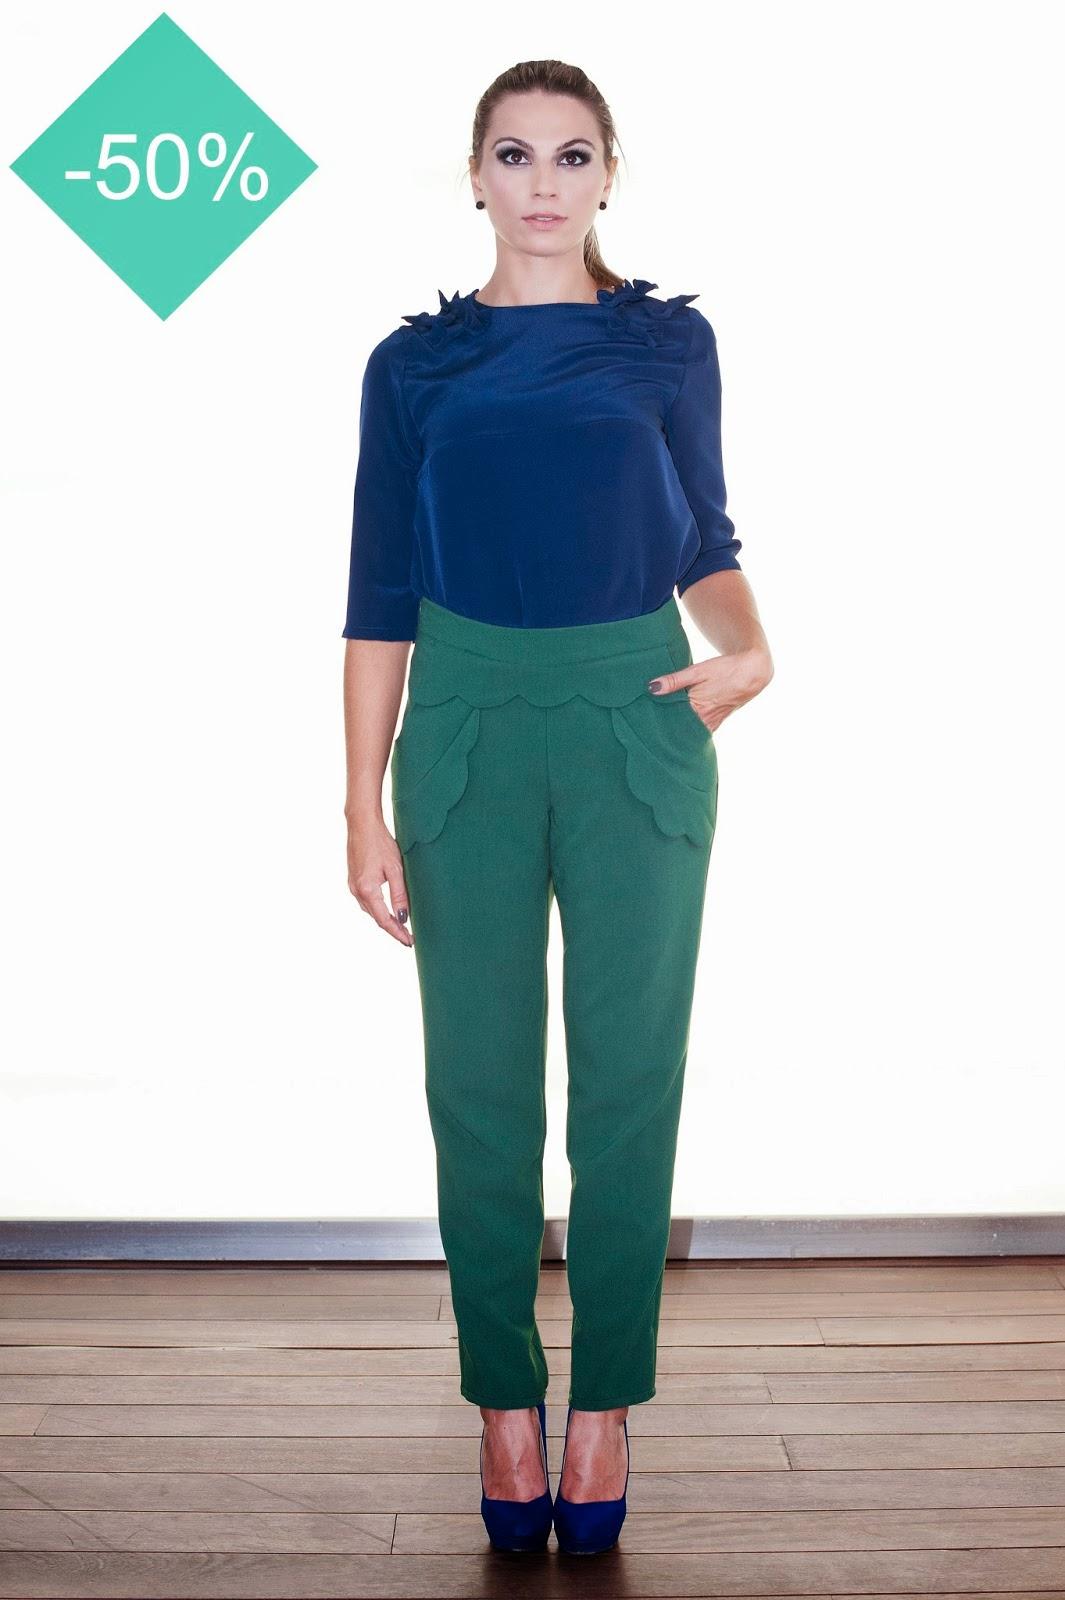 http://labocoqueshop.bigcartel.com/product/pantalon-reno#.Uuqy7fuIrA4